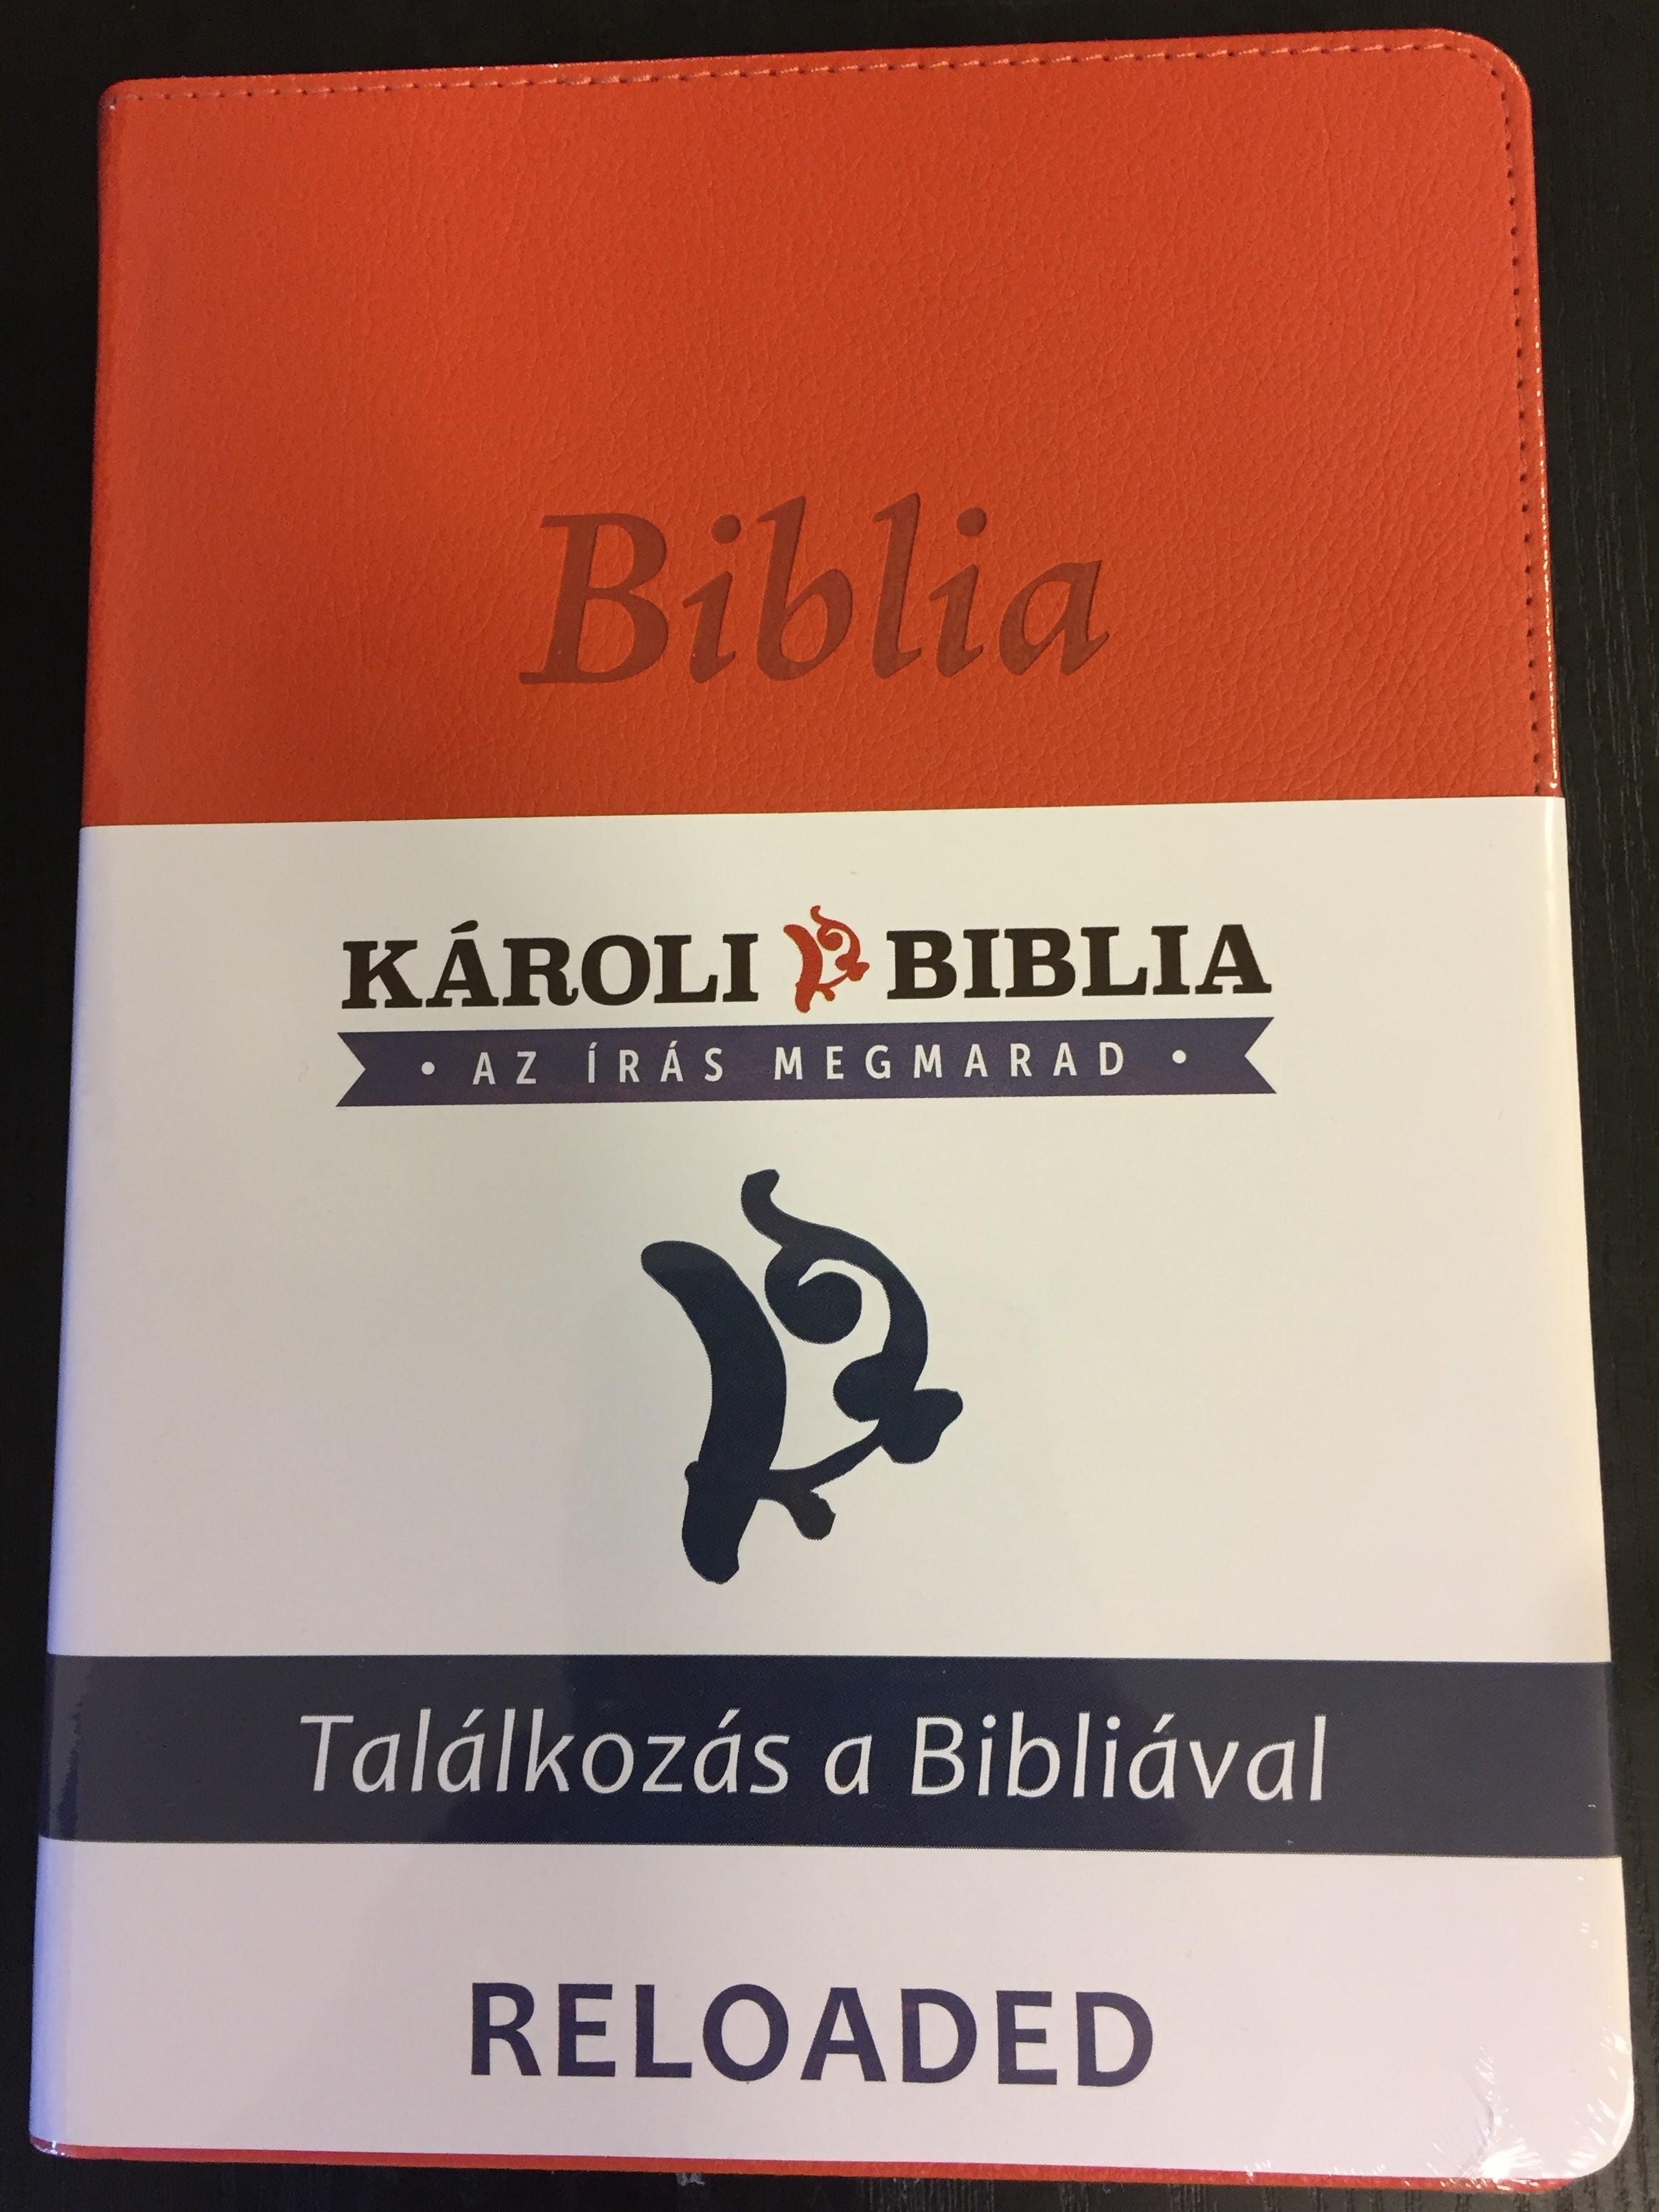 hungarian-k-roli-bible-reloaded-pu-imitation-leather-cover-orange-magyar-biblia-revide-lt-k-roli-k-z-pm-ret-narancs-m-b-r-words-of-god-and-words-of-jesus-in-red-1-.jpg